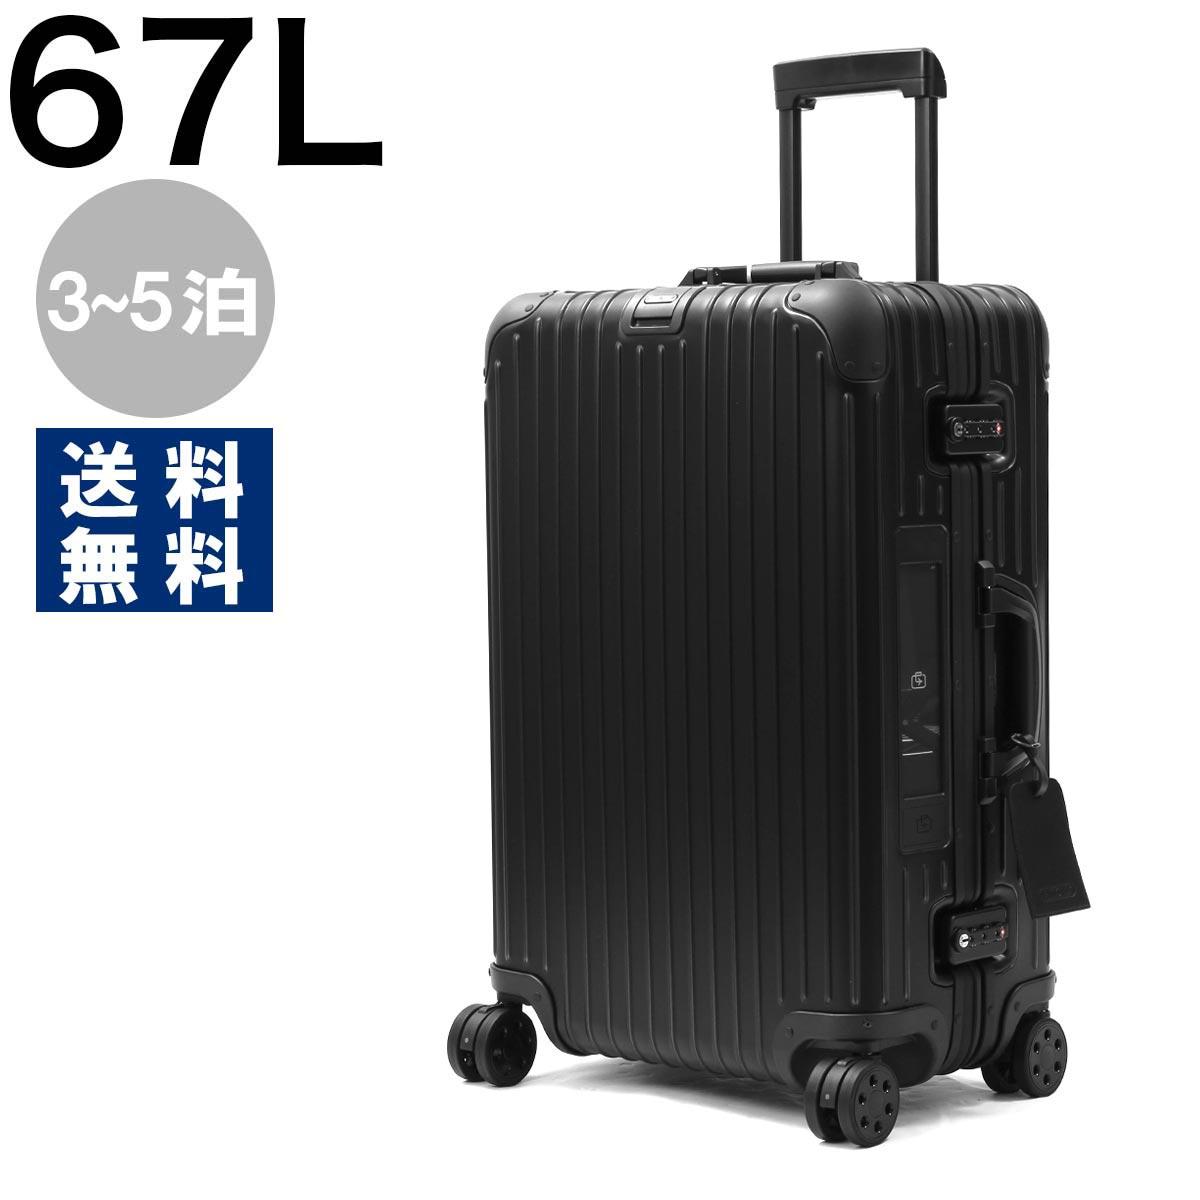 リモワ スーツケース/旅行用バッグ バッグ メンズ レディース トパーズ ステルス 67L 3~5泊 ELECTRONIC TAG ブラック 924.63.01.5 RIMOWA